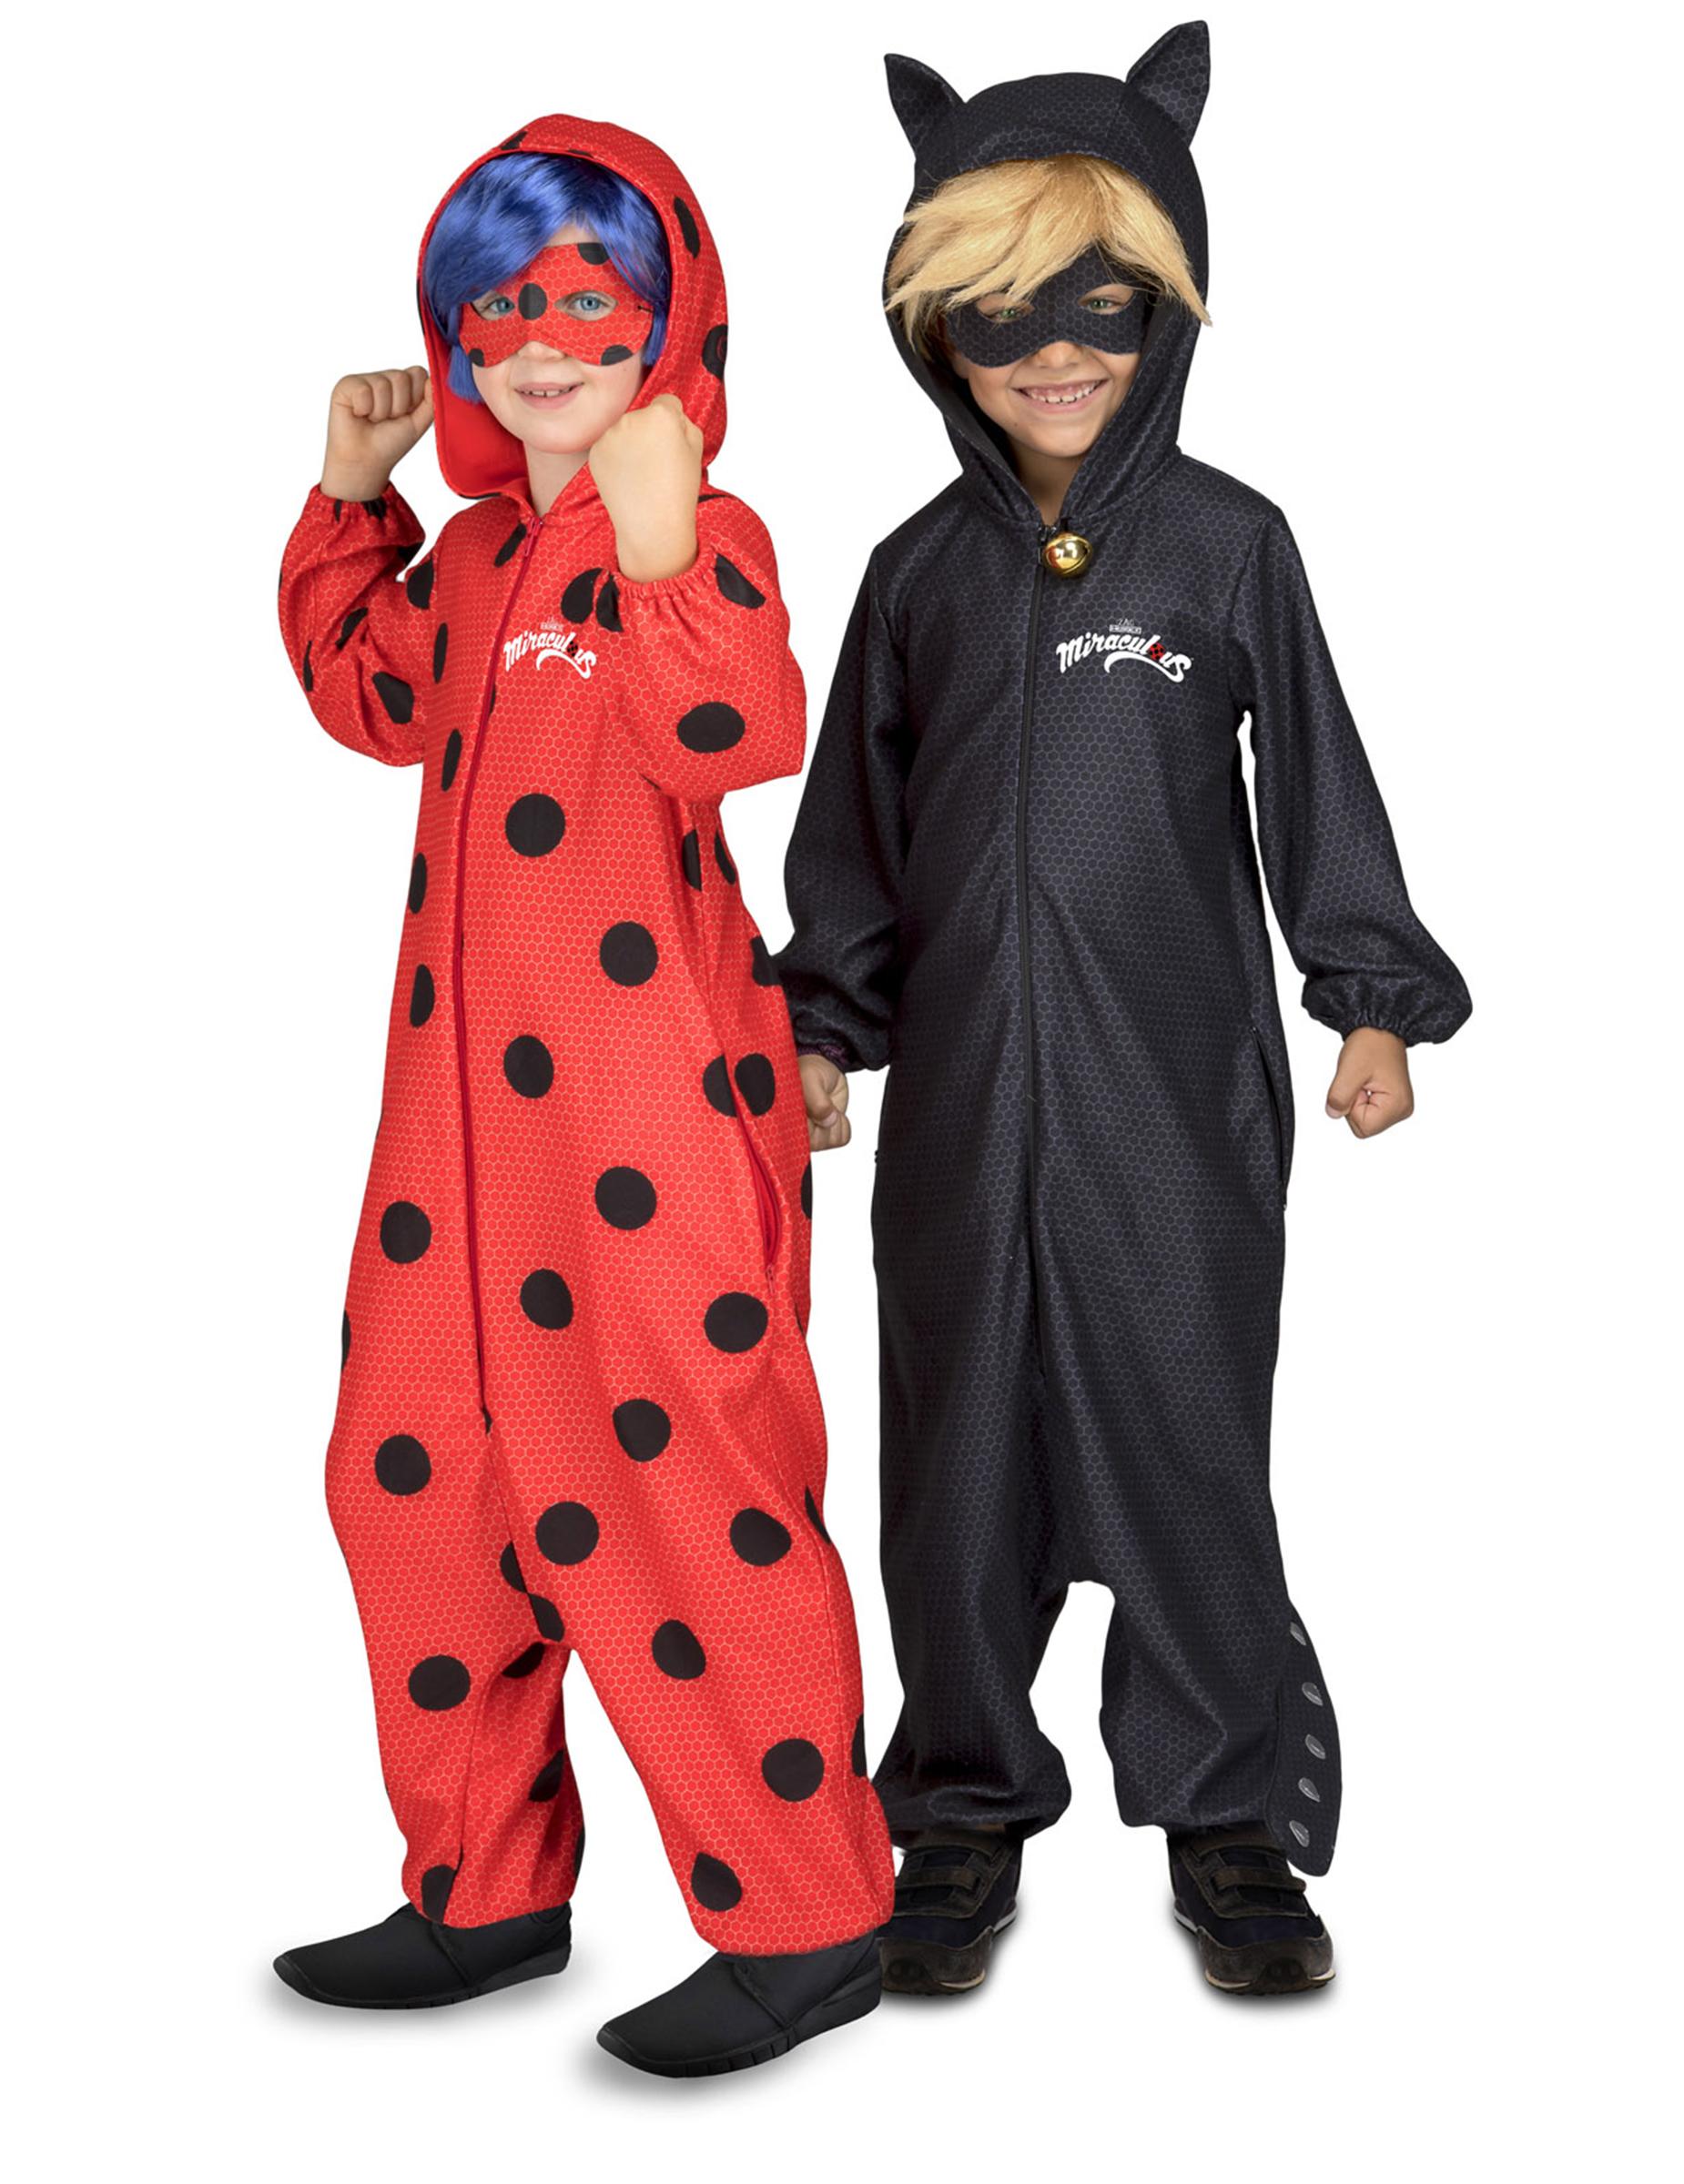 prezzi di sdoganamento scarpe temperamento taglia 7 Costume tuta da Ladybug™ per bambina: Costumi bambini,e vestiti di ...